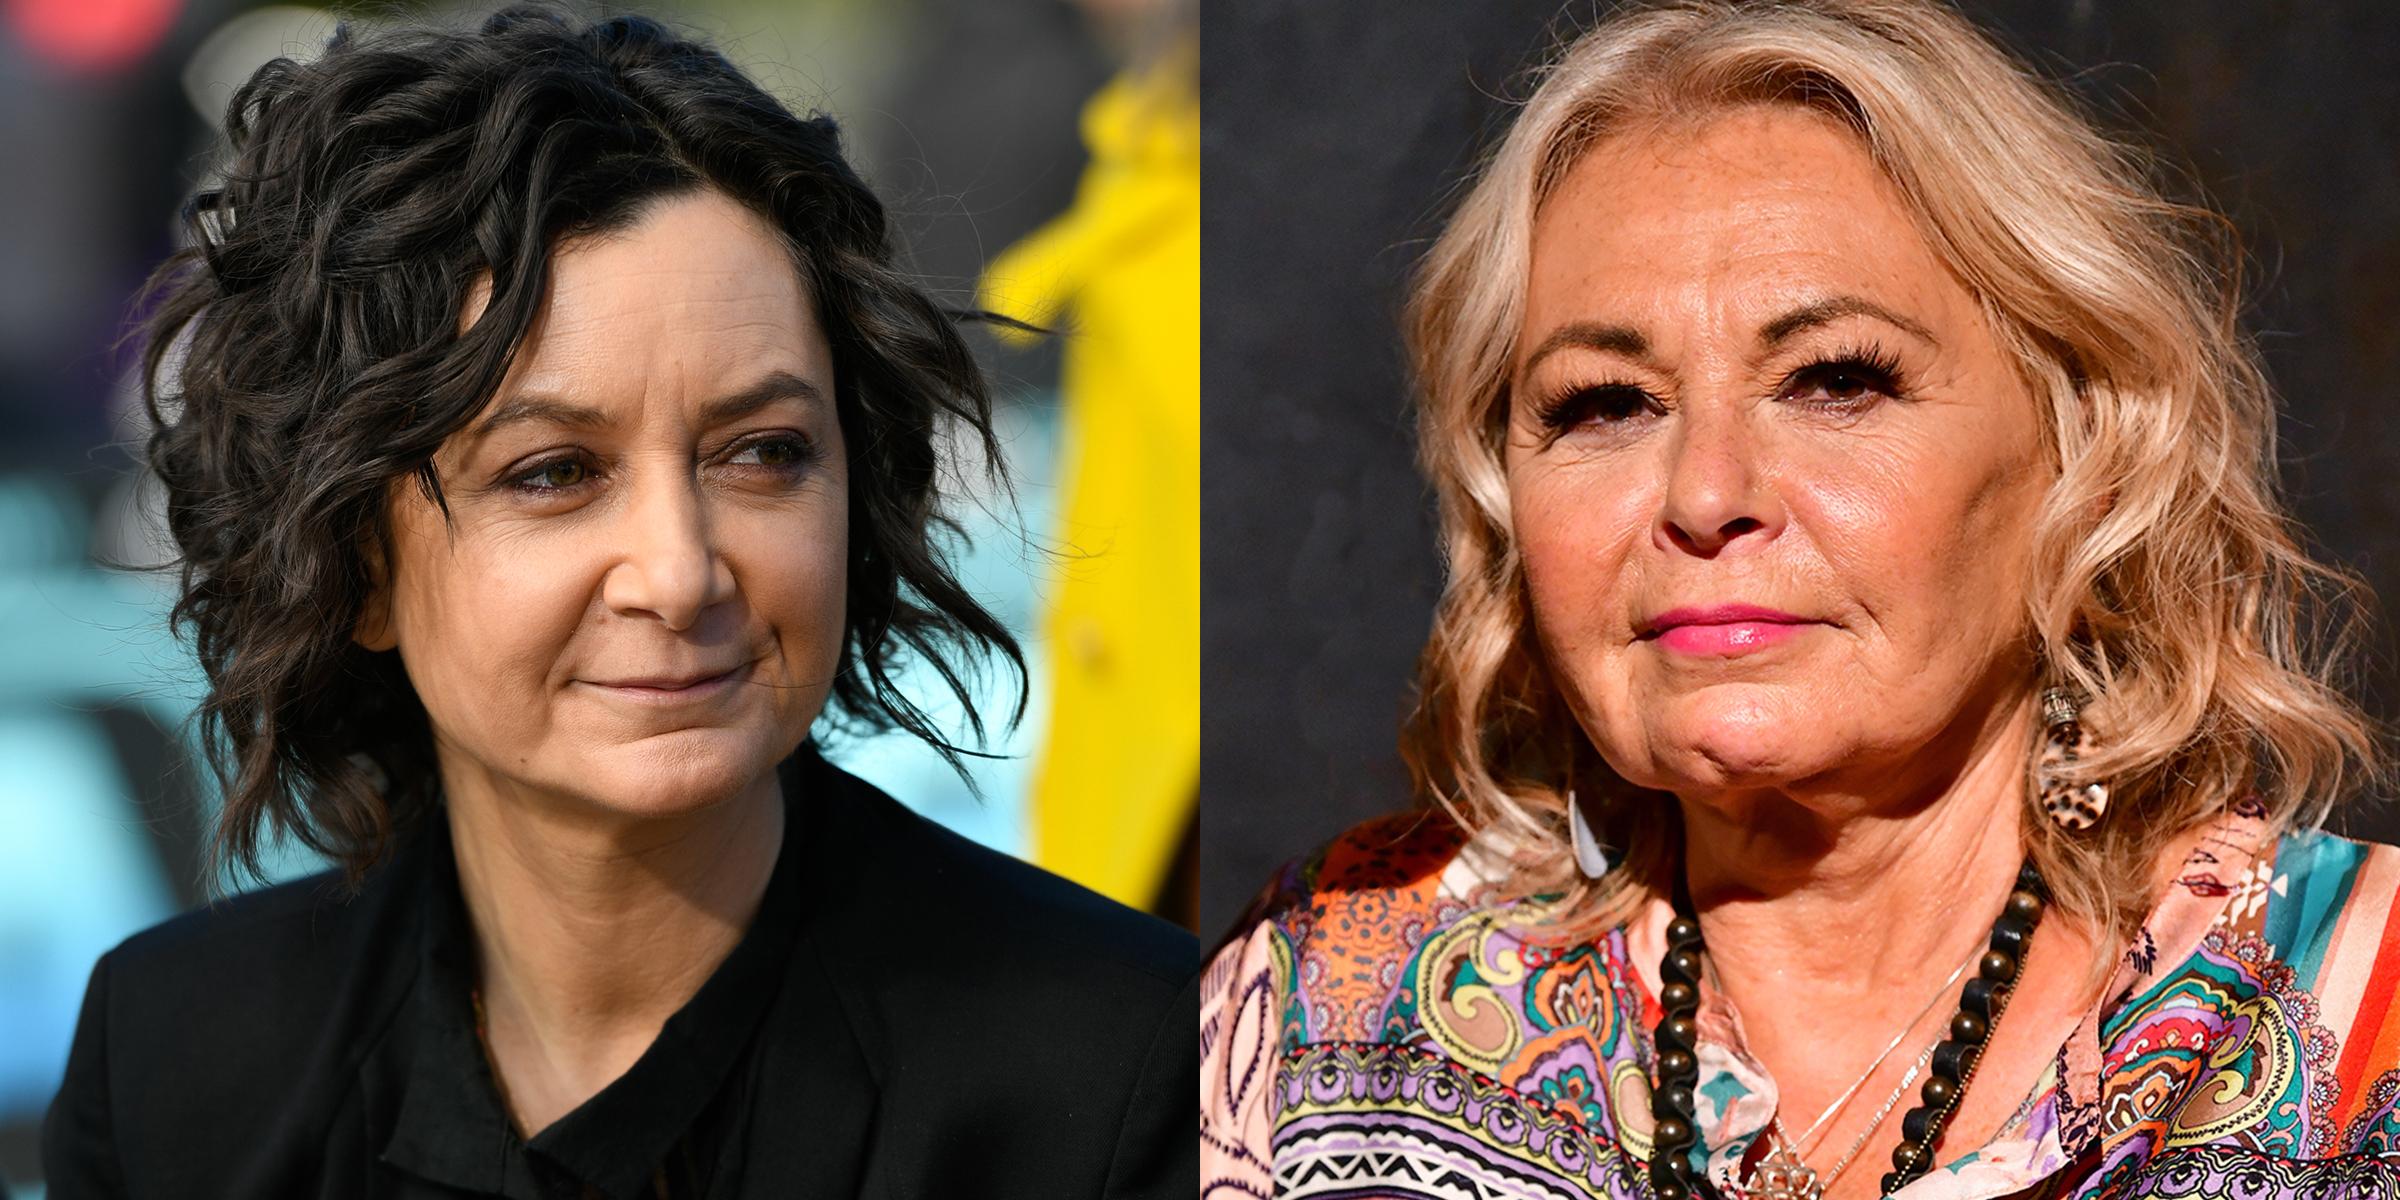 Roseanne Barr Vs Sara Gilbert, Barr Out For Revenge And Begging For A Career Comeback?